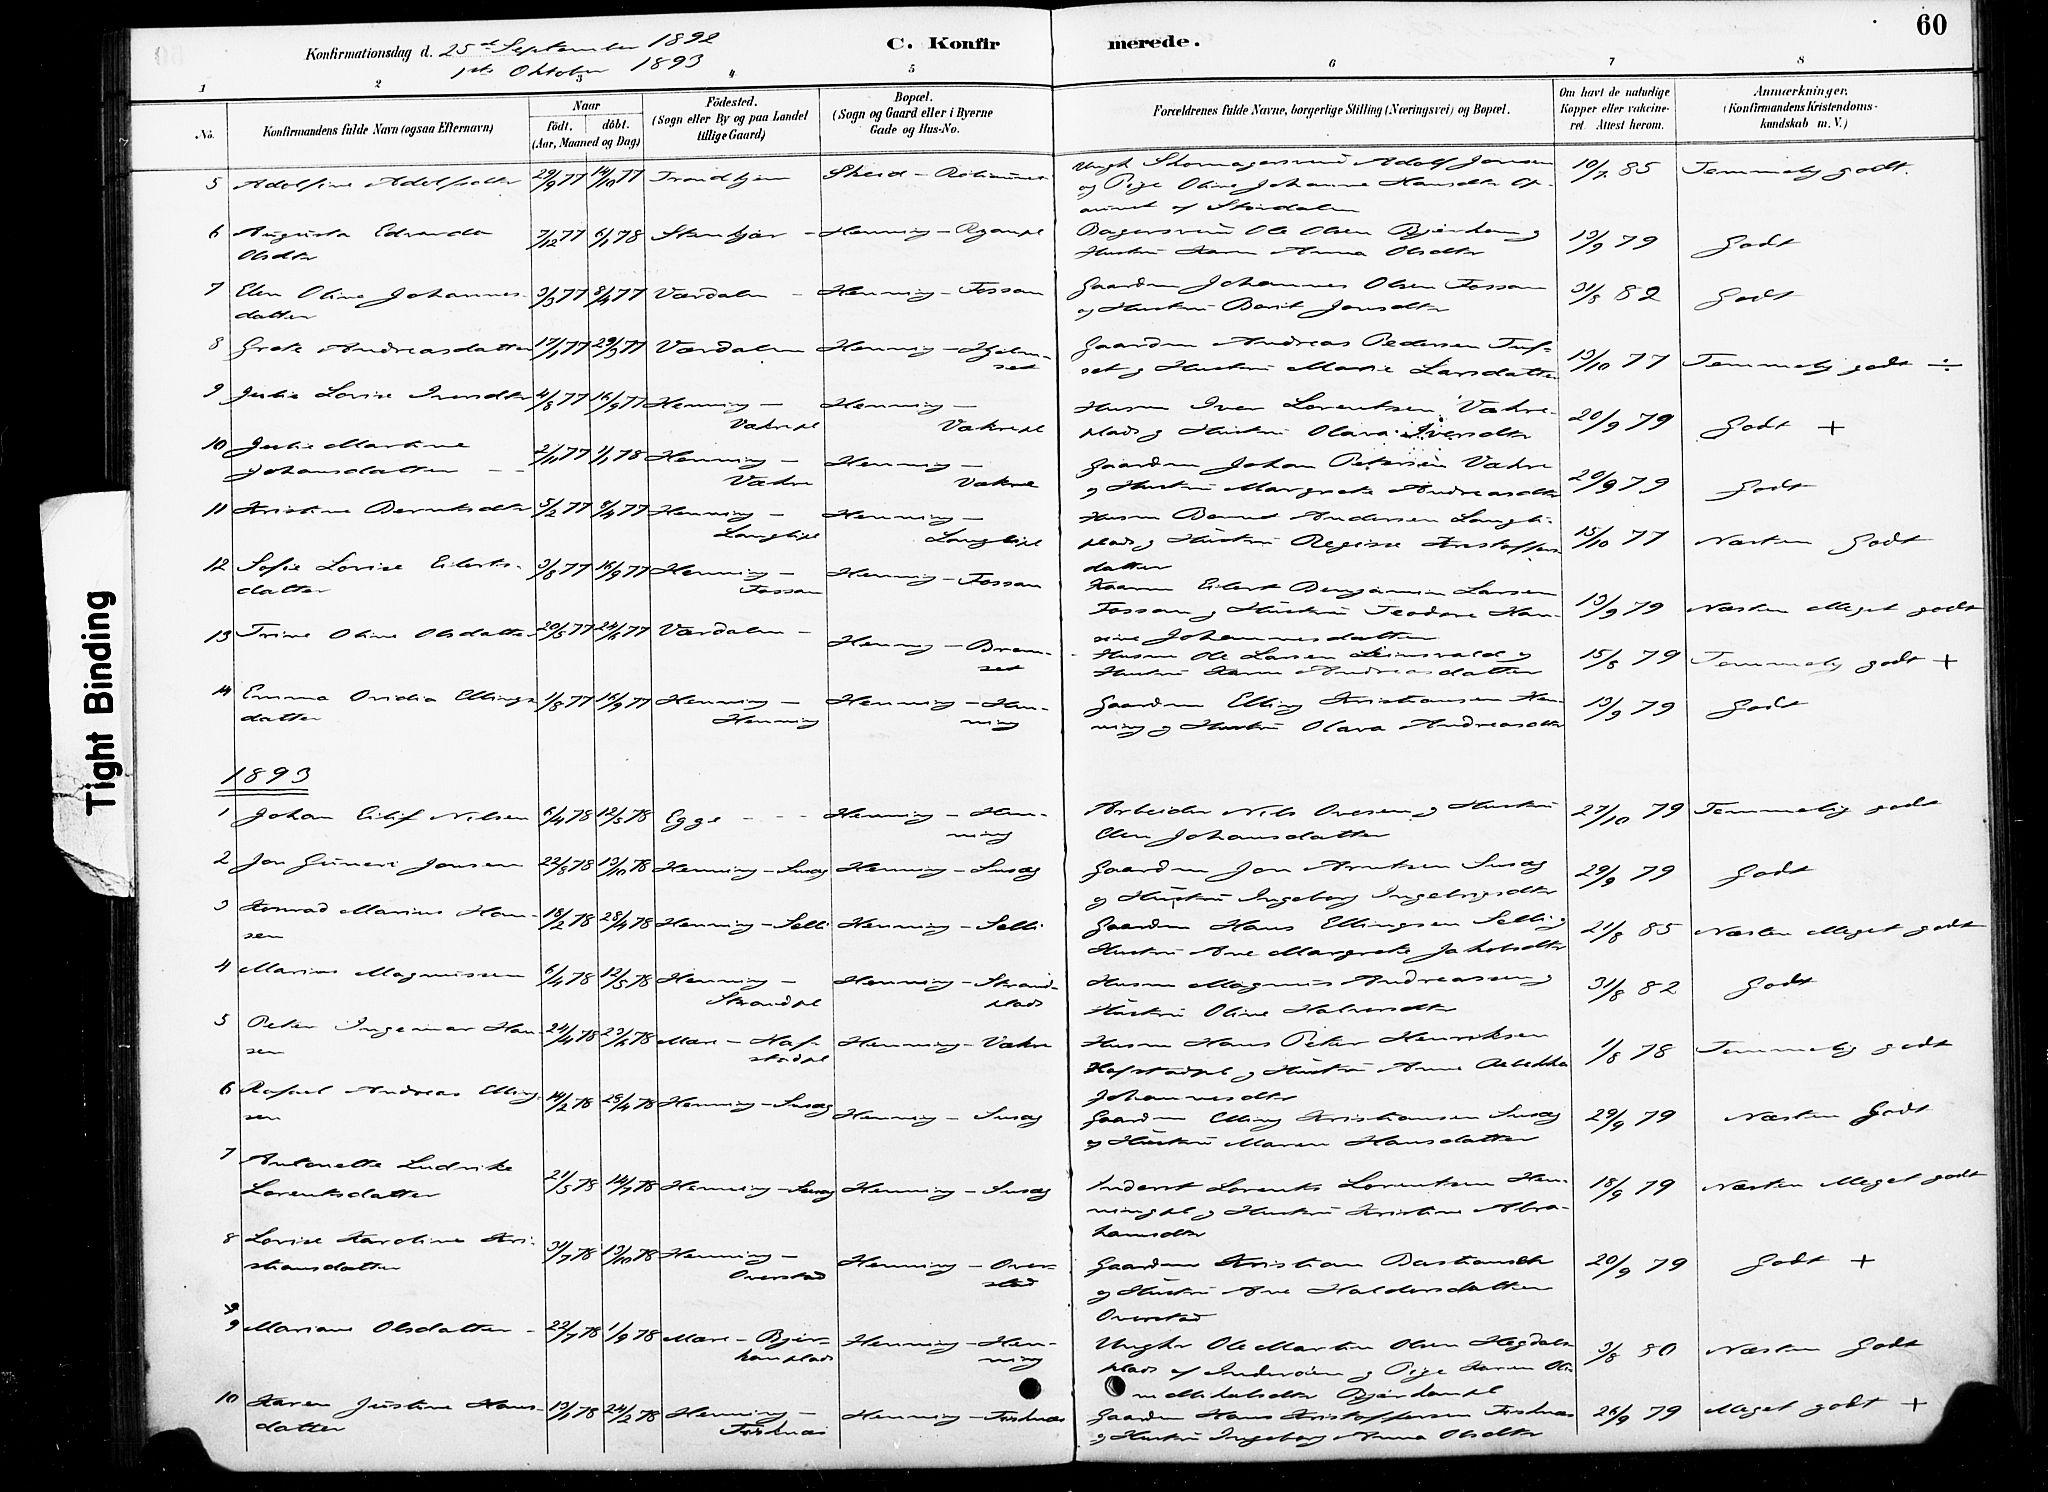 SAT, Ministerialprotokoller, klokkerbøker og fødselsregistre - Nord-Trøndelag, 738/L0364: Ministerialbok nr. 738A01, 1884-1902, s. 60